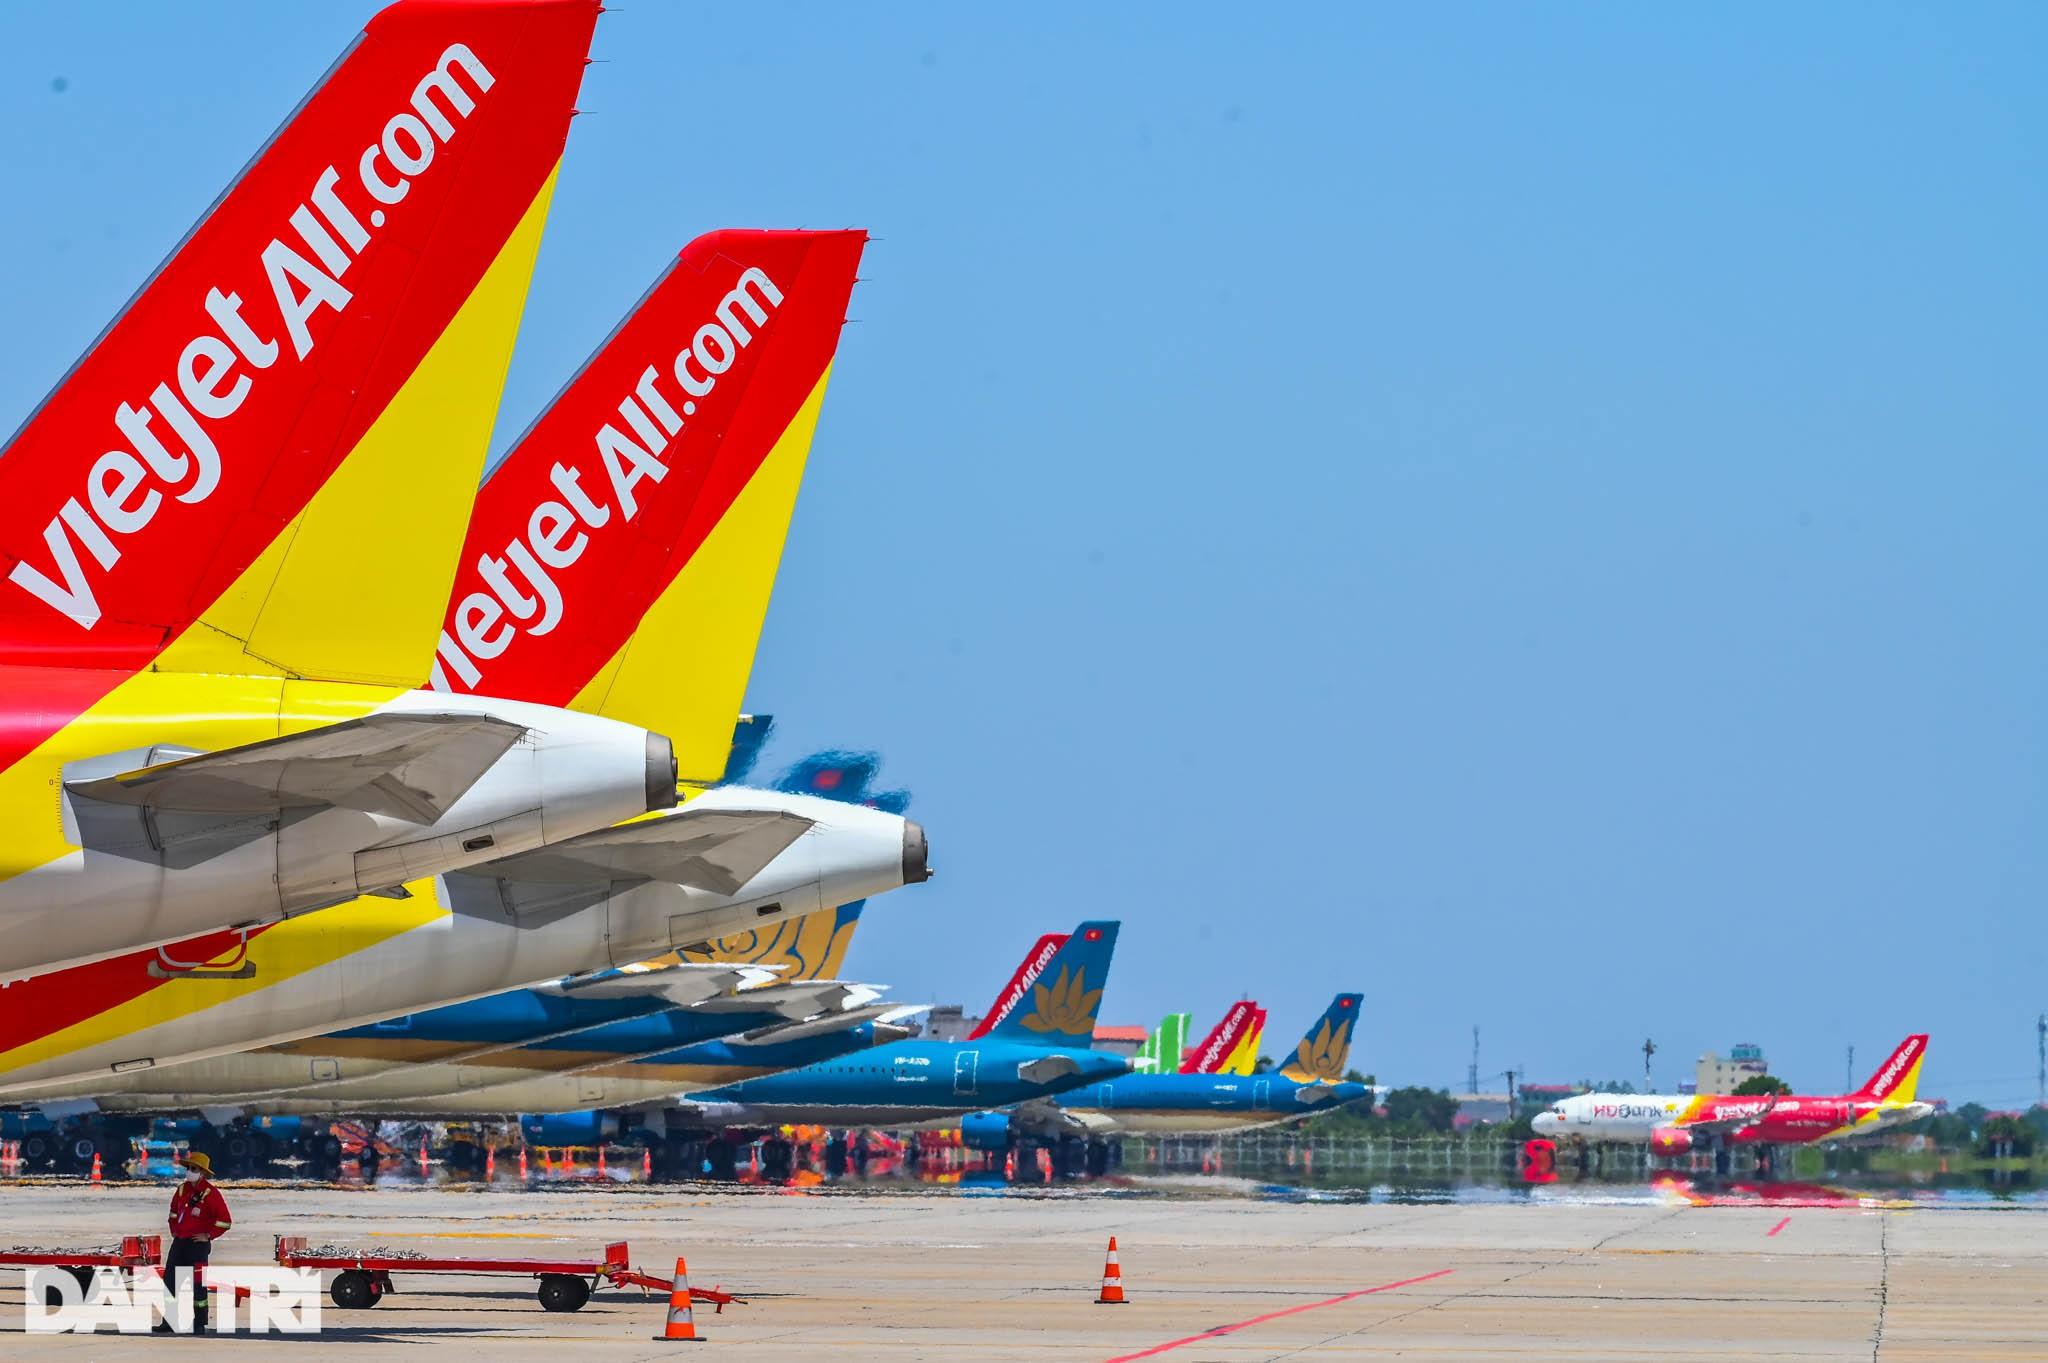 Ám ảnh hàng trăm tàu bay đắp chiếu nằm la liệt tại Nội Bài, Tân Sơn Nhất - 4